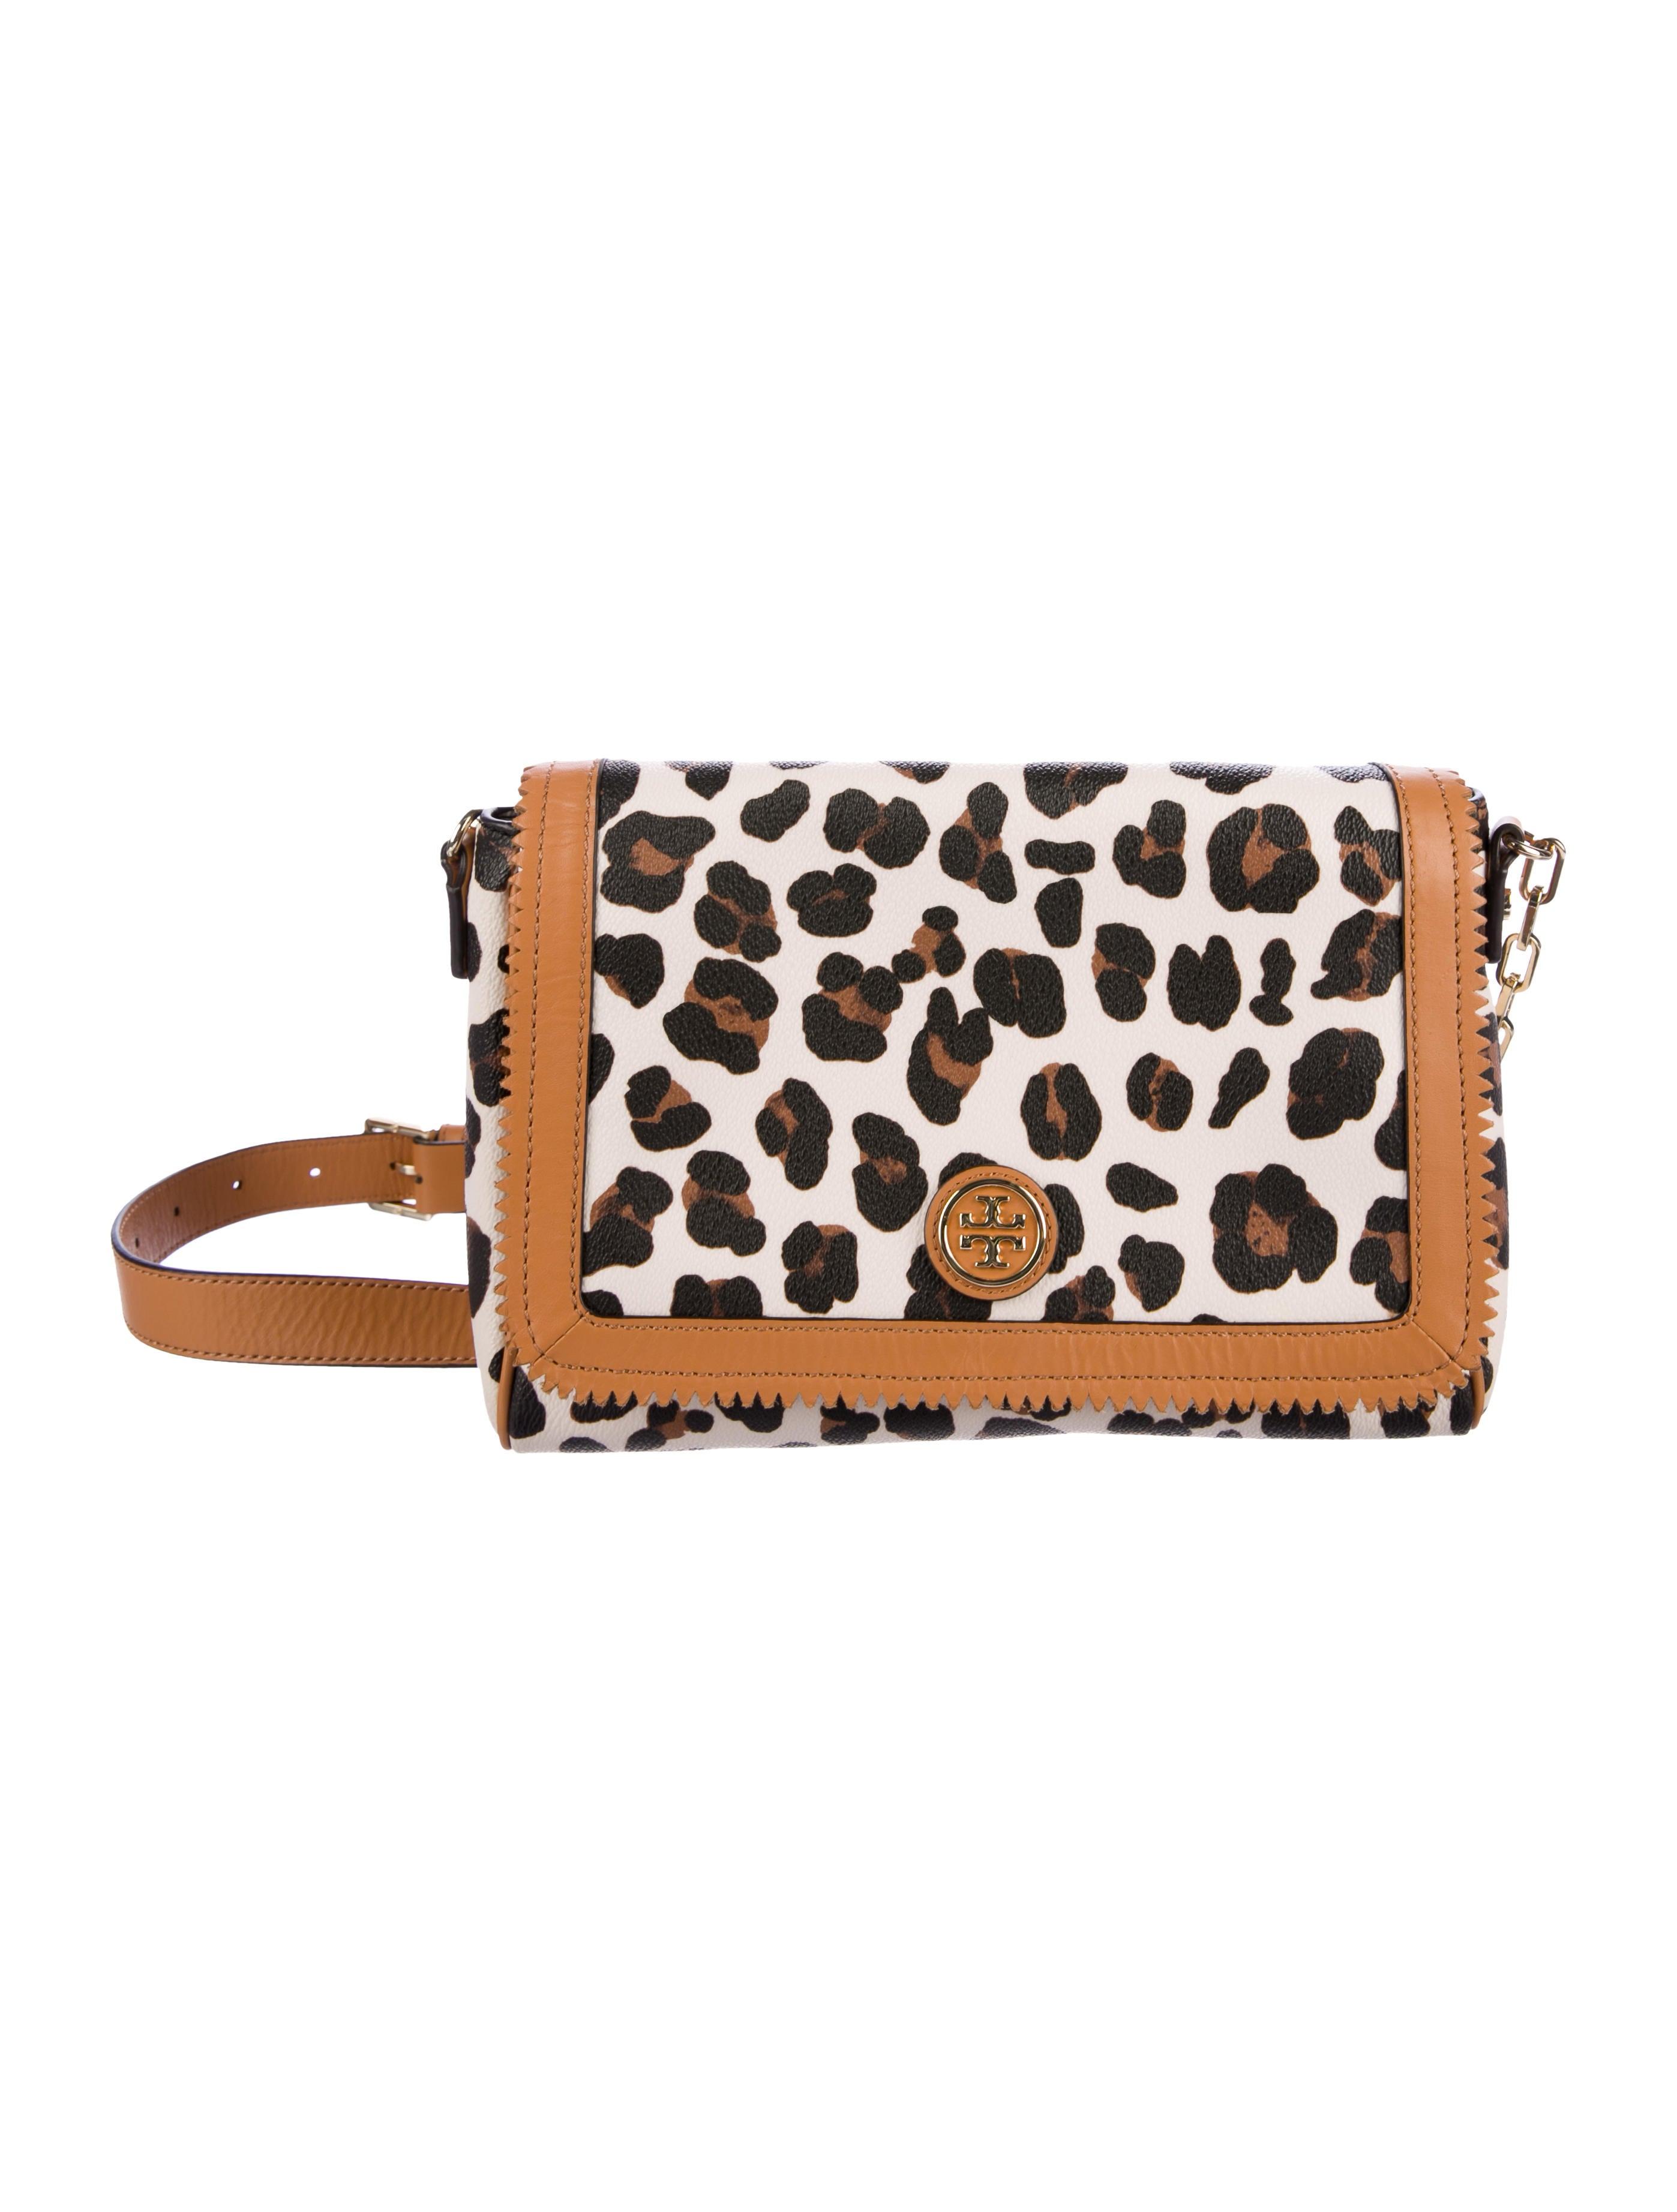 09b3e195b2ba Tory Burch Kerrington Leopard Print Crossbody Bag - Handbags - WTO130363